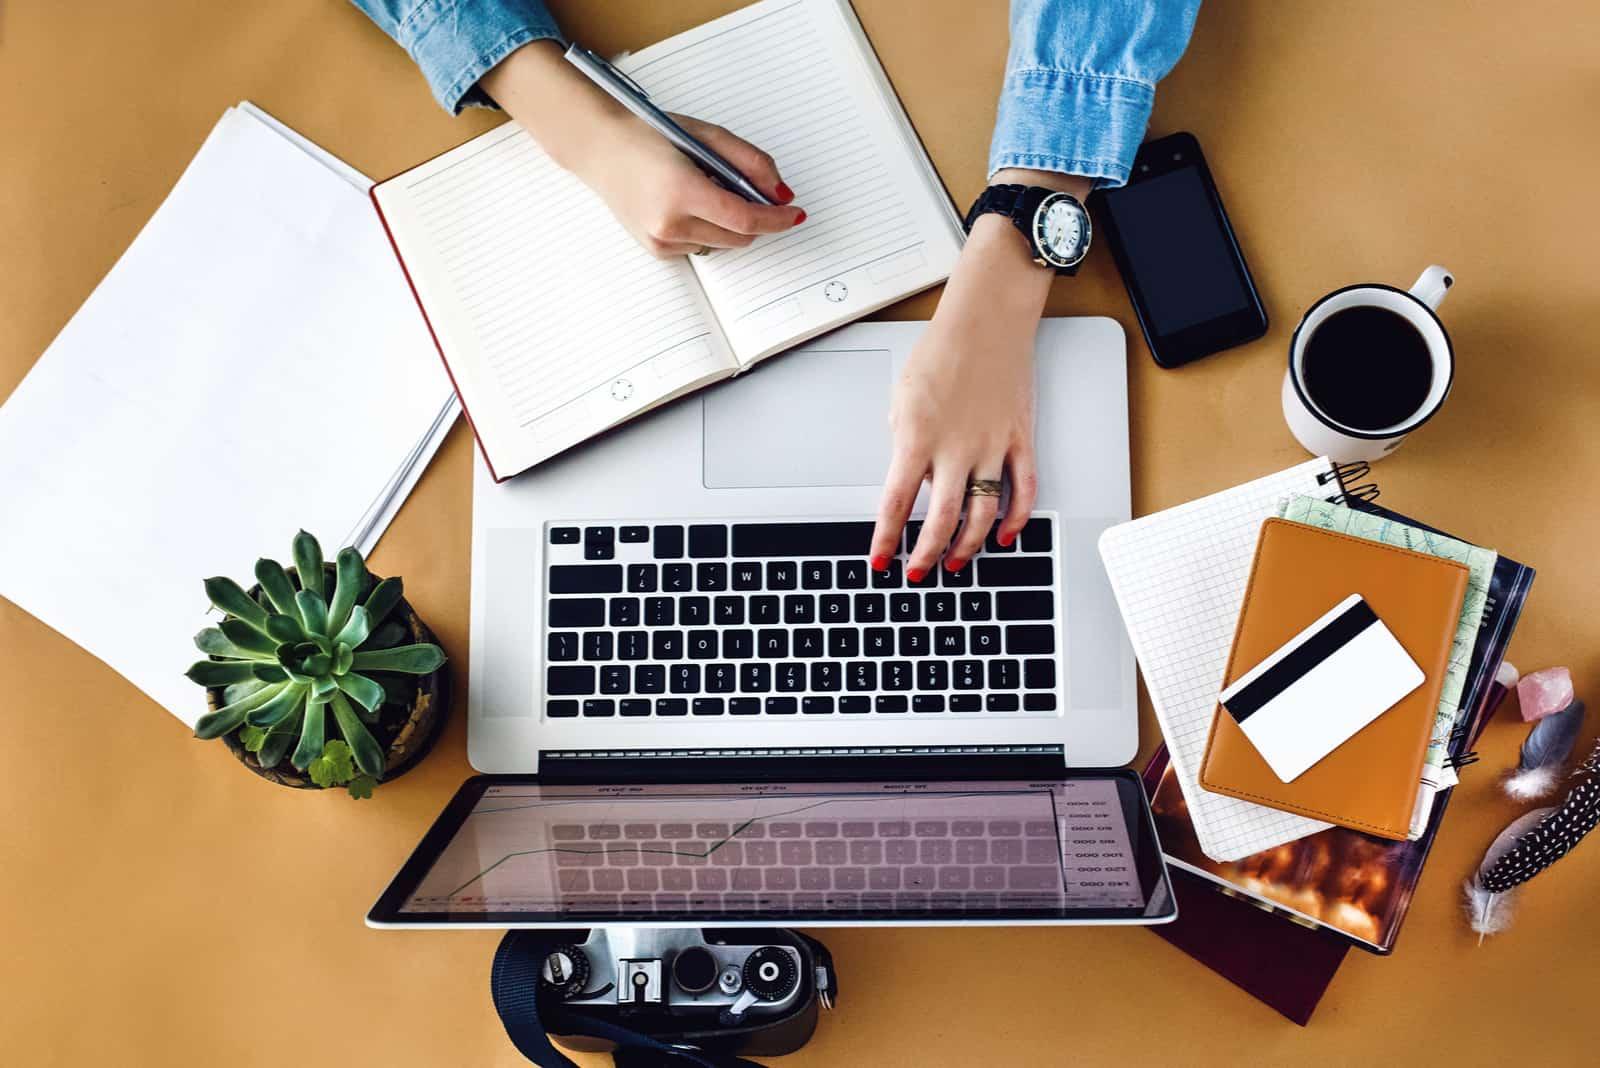 femme assise et bouton derrière un ordinateur portable